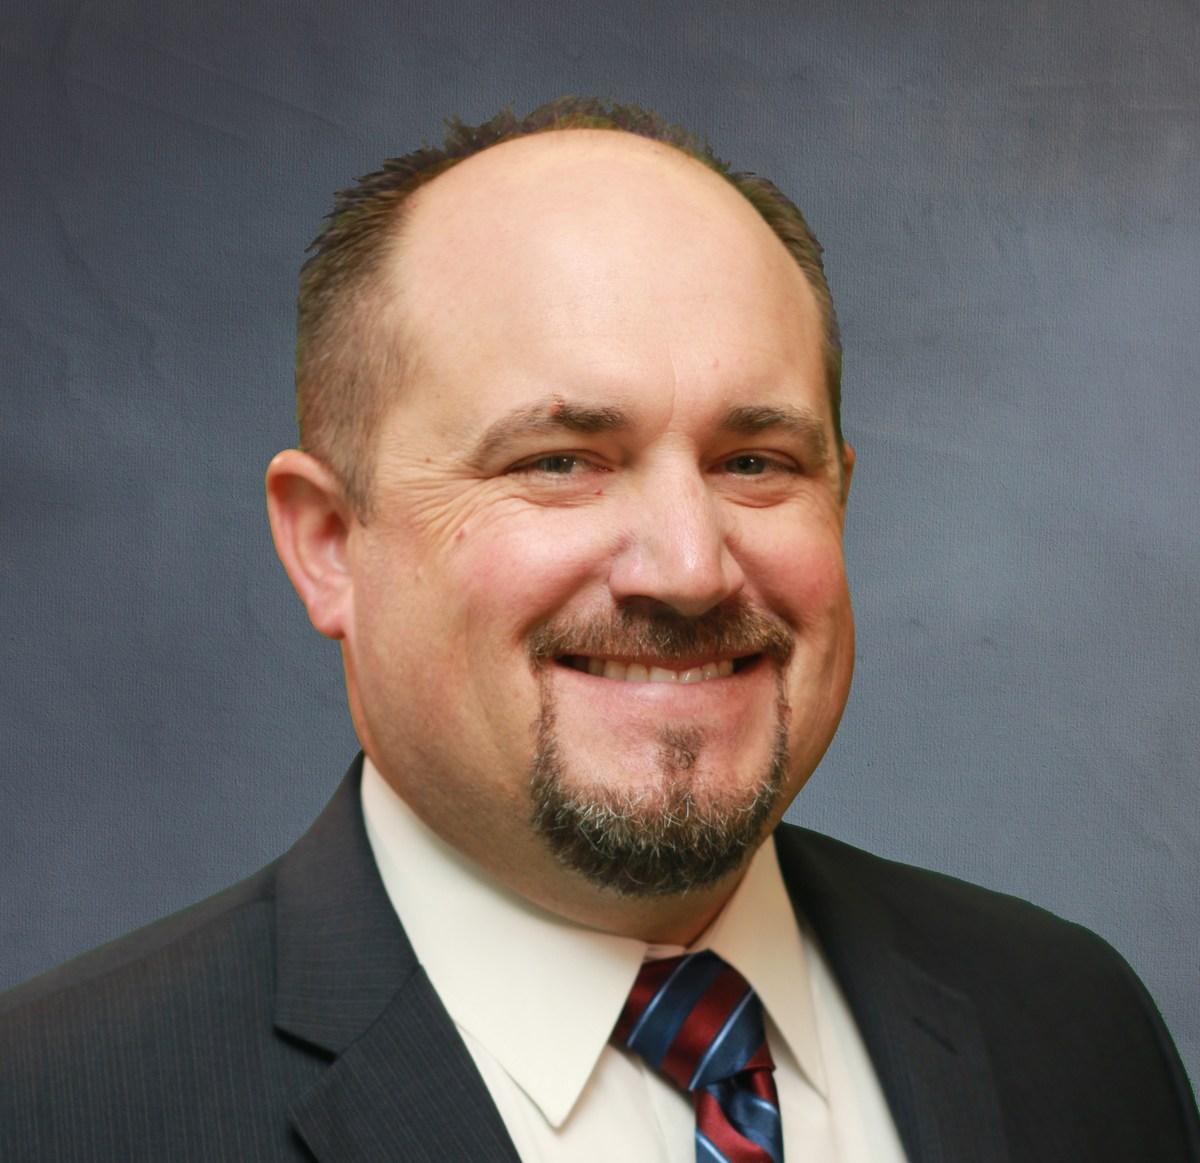 Photo of Director of Business - Matt Guinn